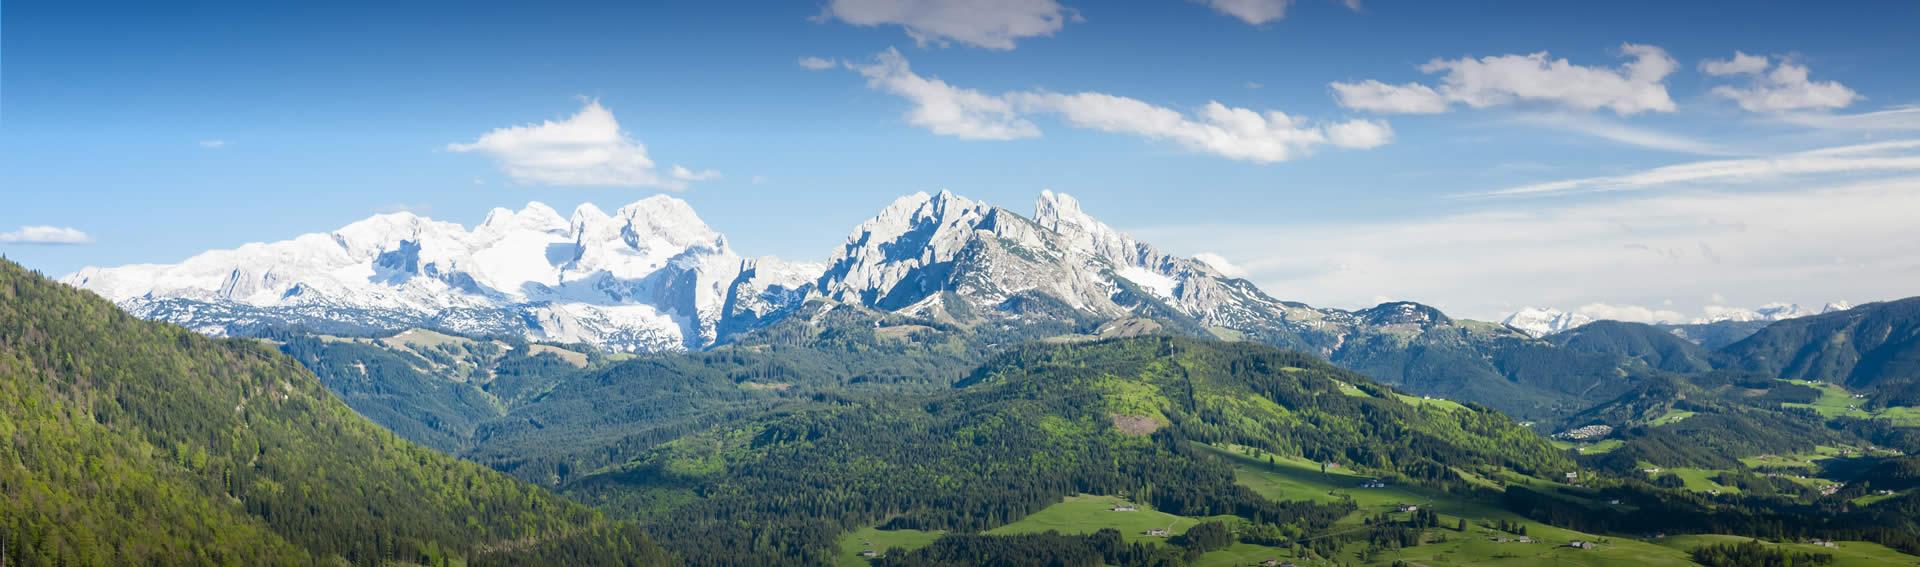 Sommerurlaub in Abtenau - Ferienwohnungen Blaue Berge